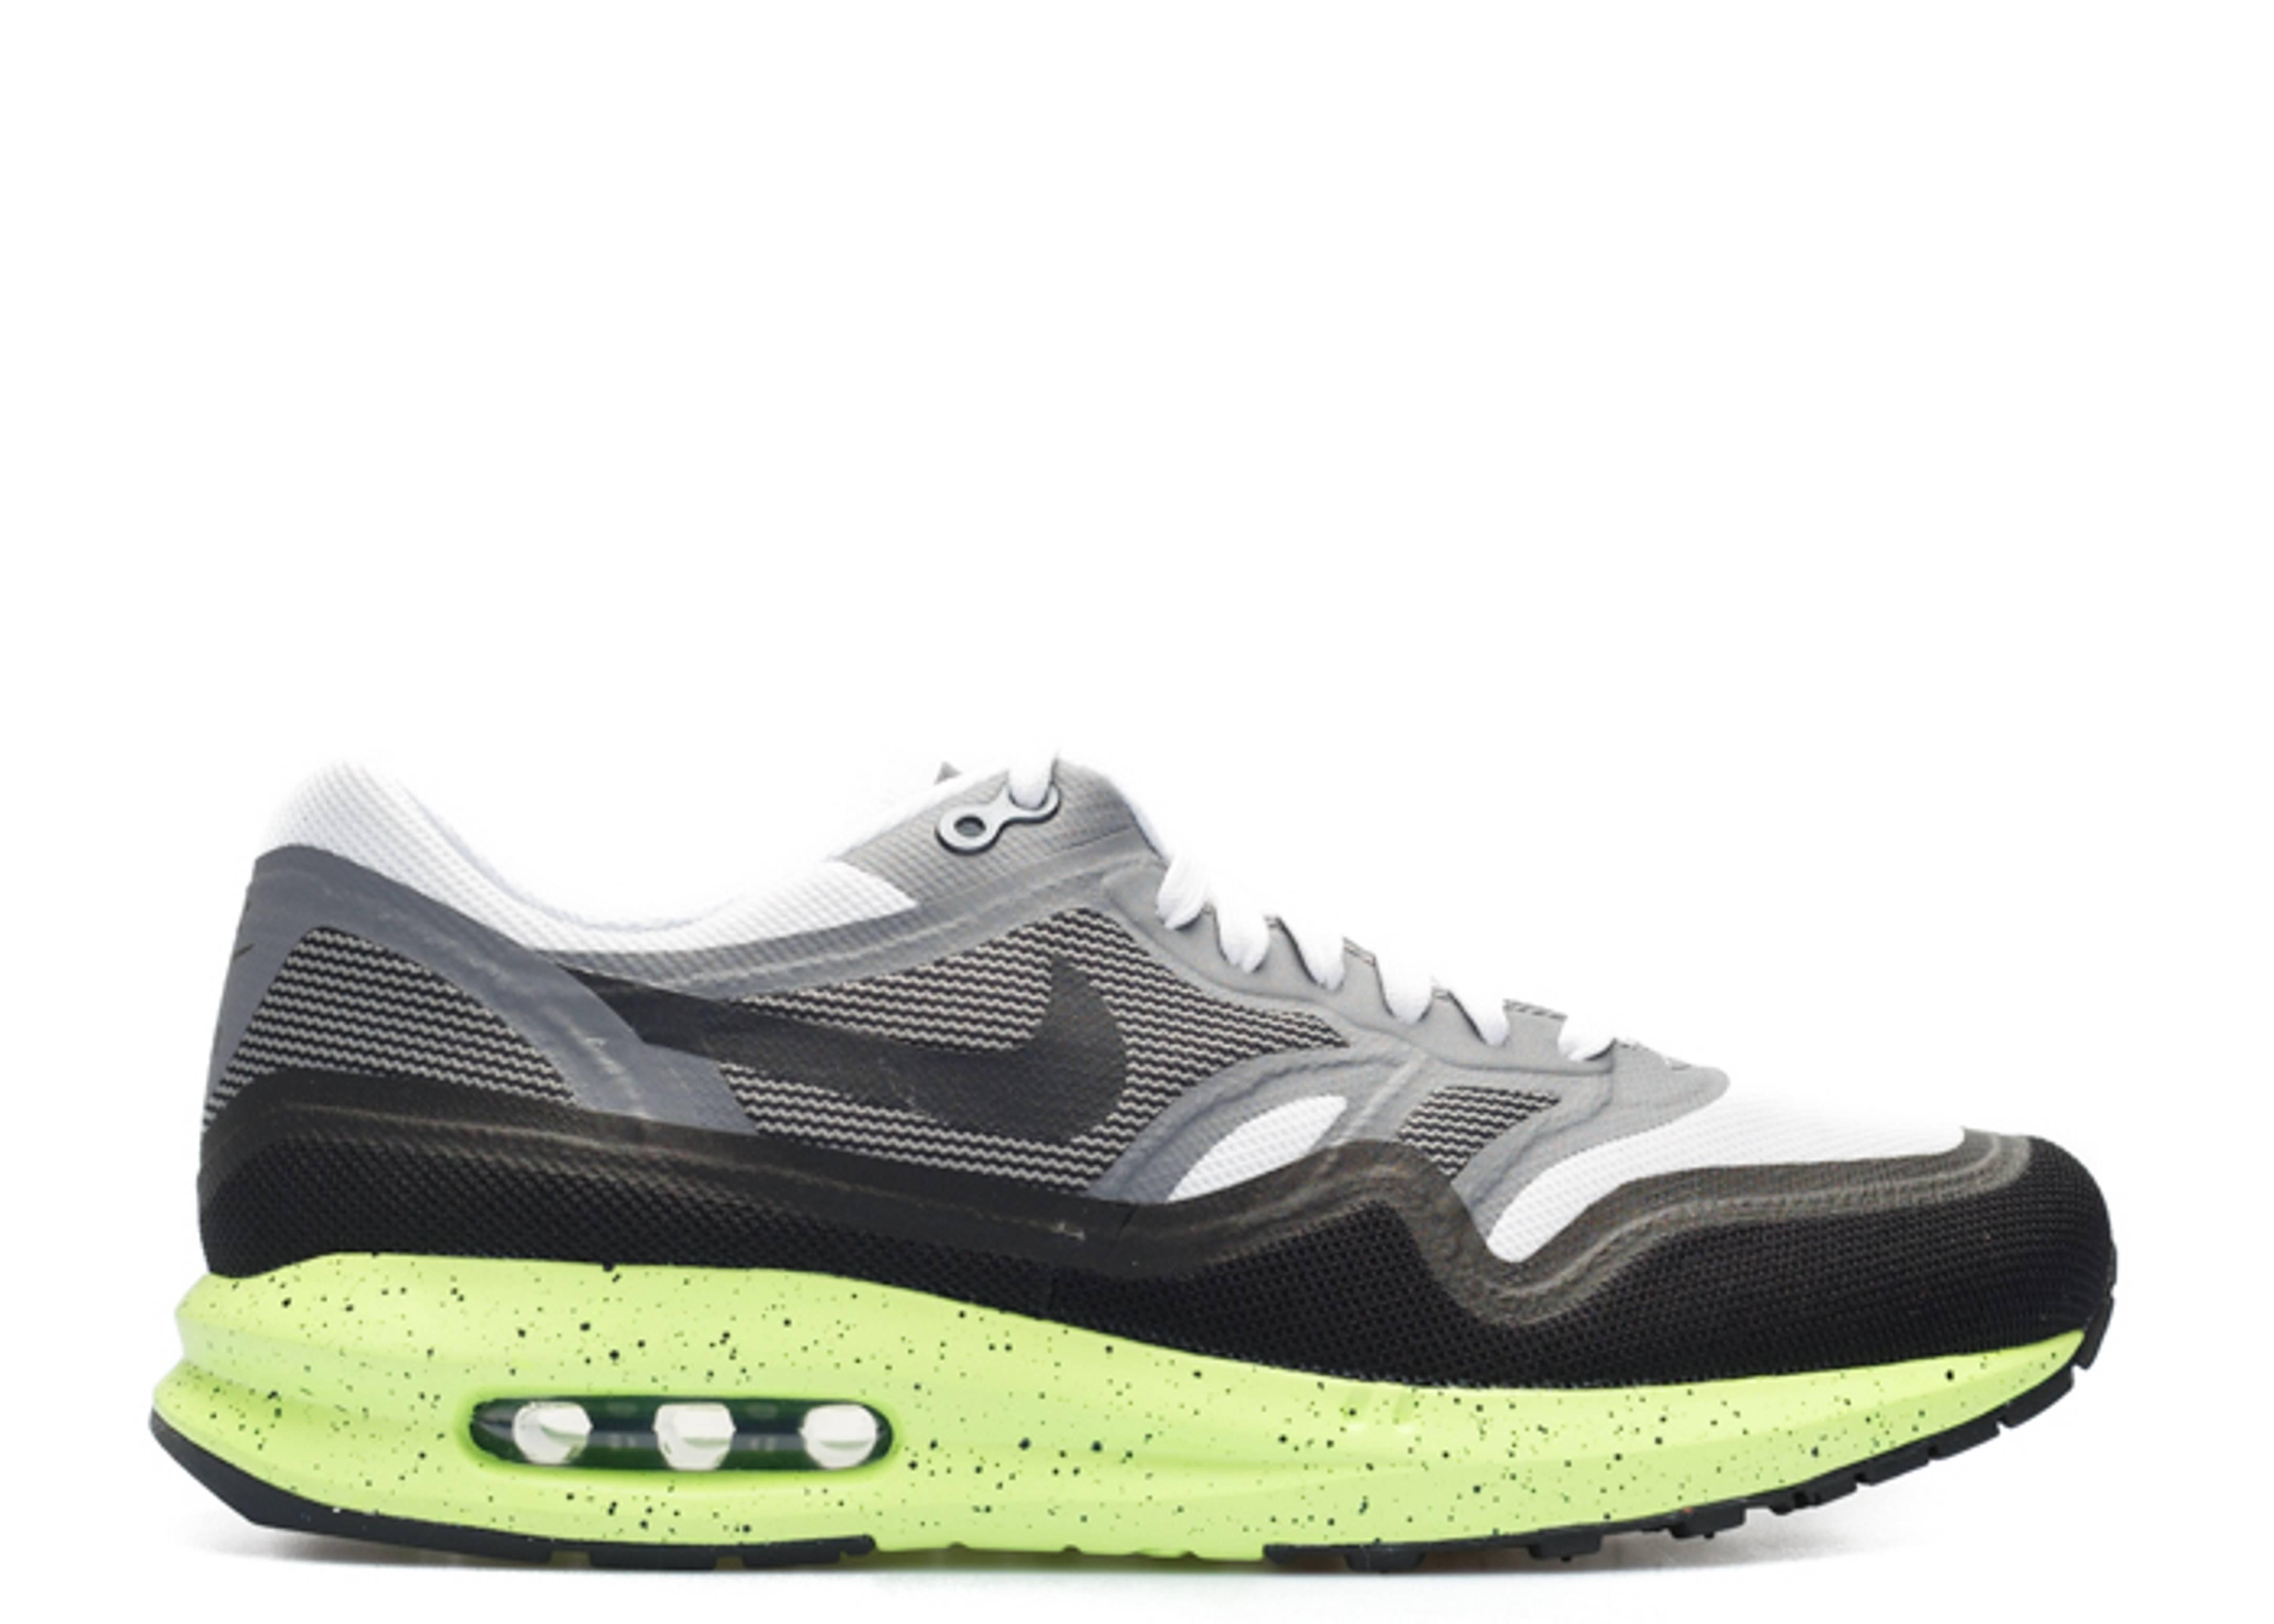 sports shoes c668f 667b9 Air Max Lunar1 - Nike - 654469 100 - white/black-cool grey-volt ...